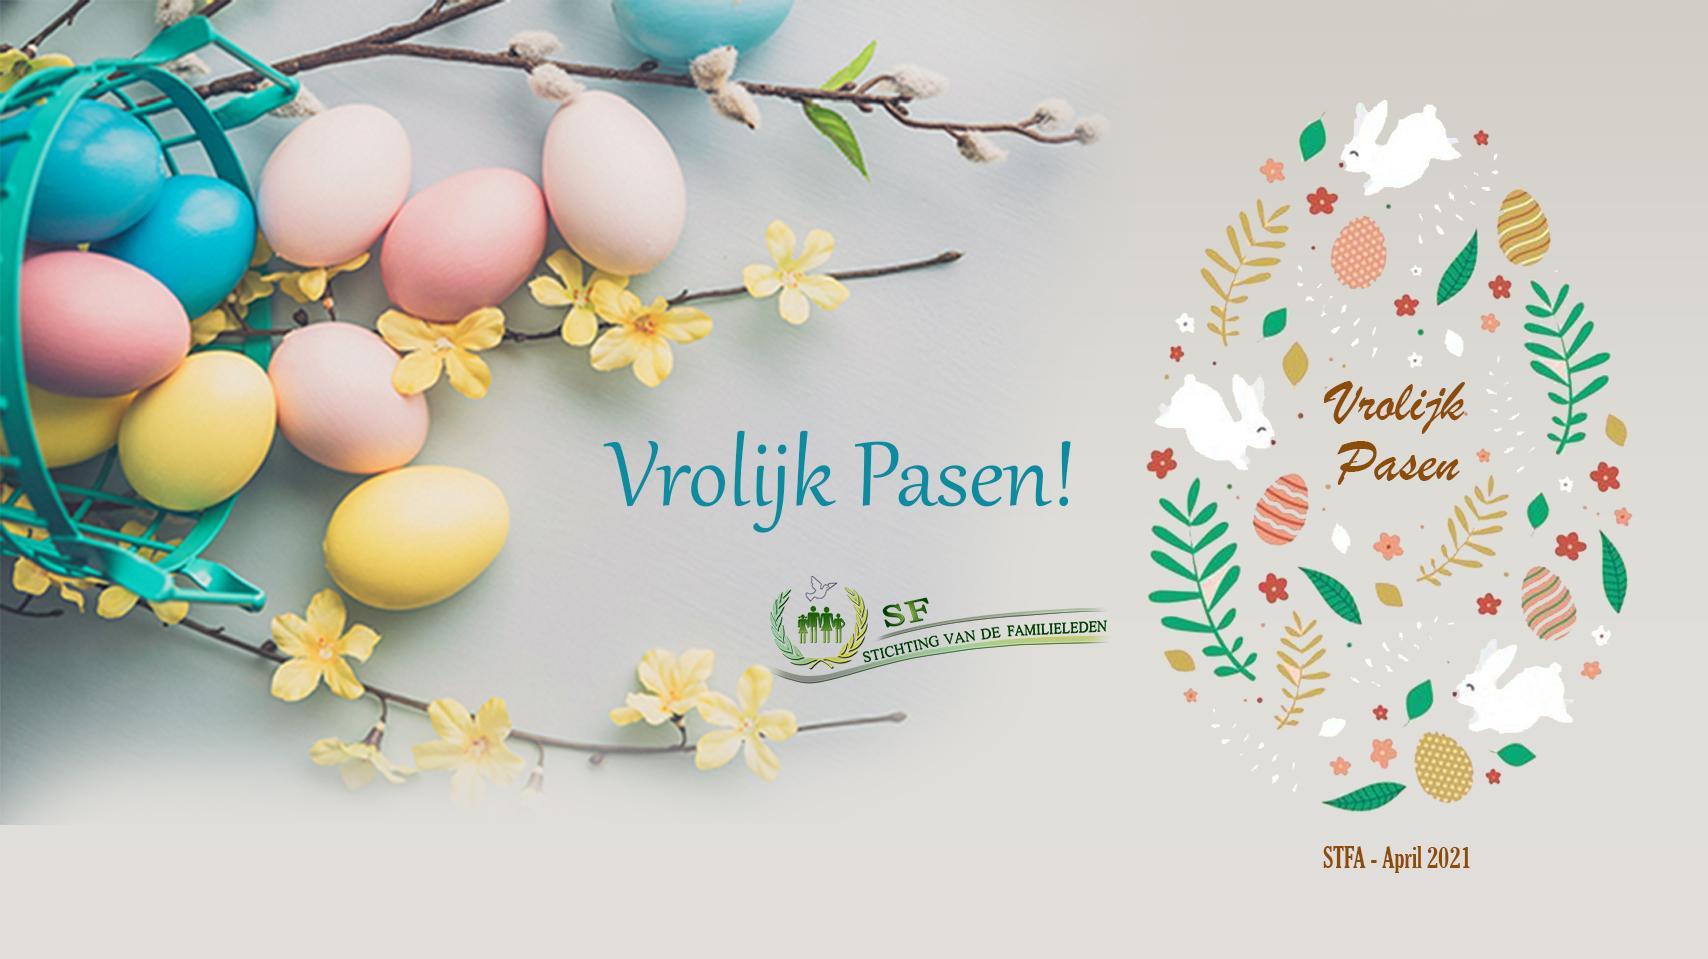 Happy easter 2021 - Vrolijk Pasen - Stichting van de familieleden